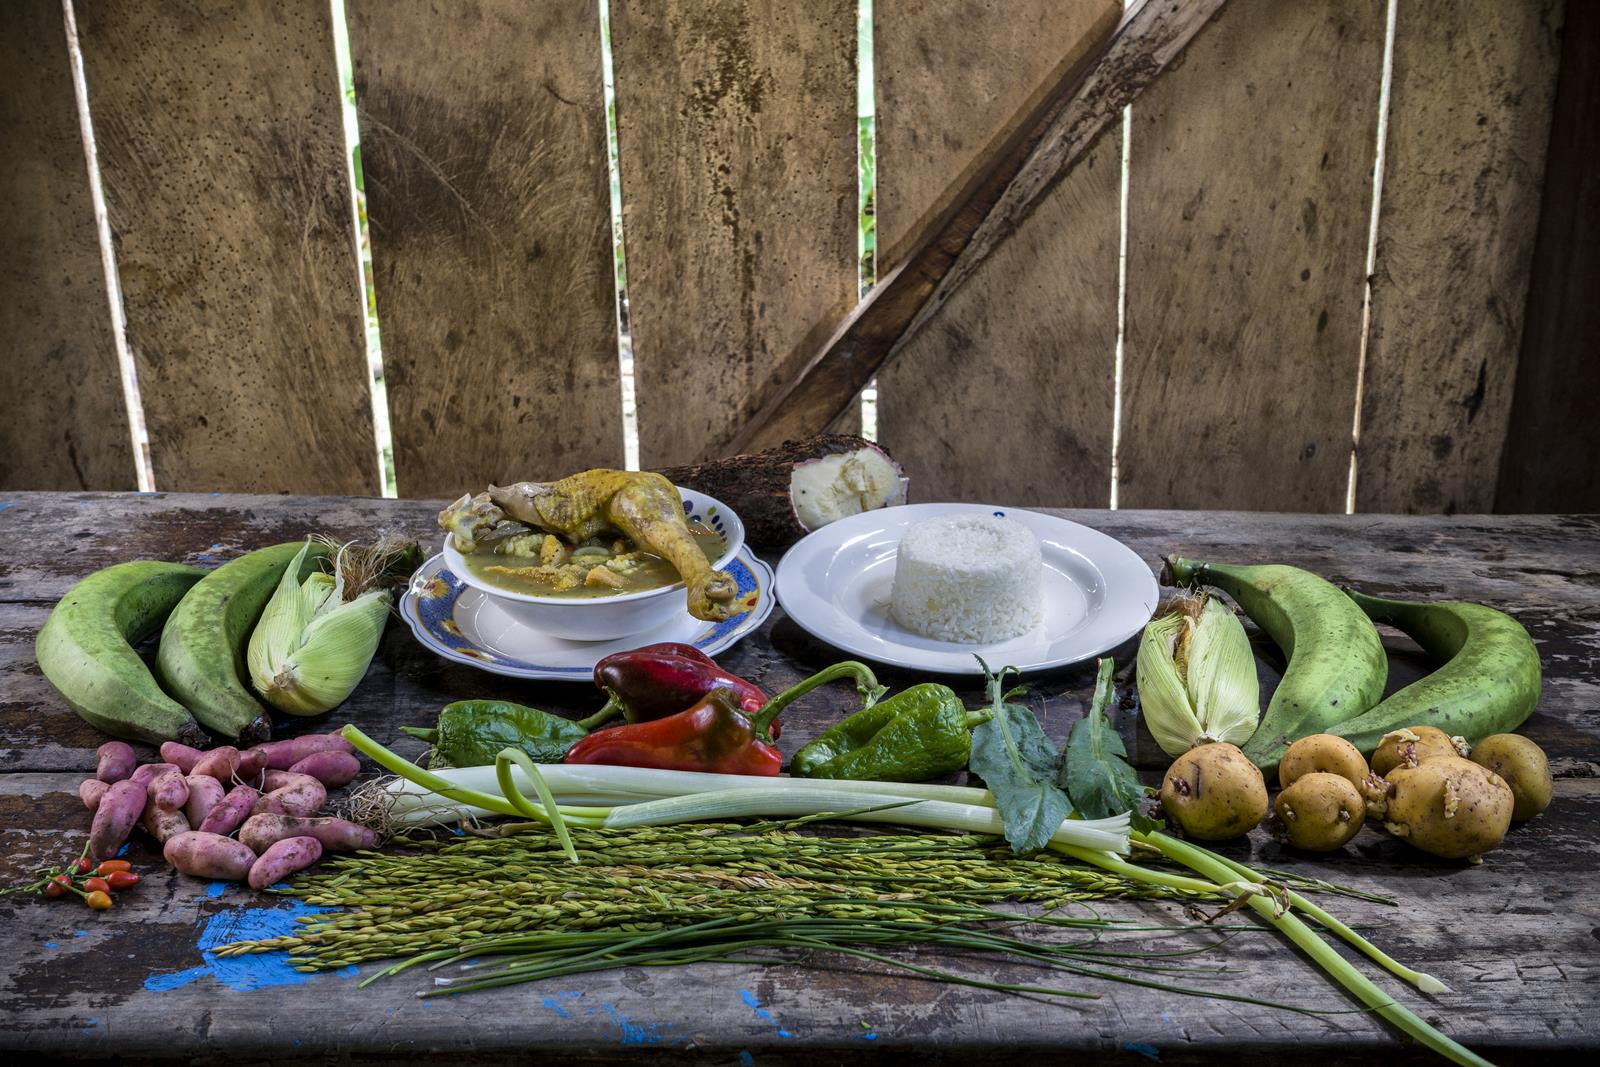 Ingredientes: Plátano, papa amarilla, choclo, yuca, pimentón, olluco, zanahoria, ají, cebolla larga, chilango, arroz, gallina de campo